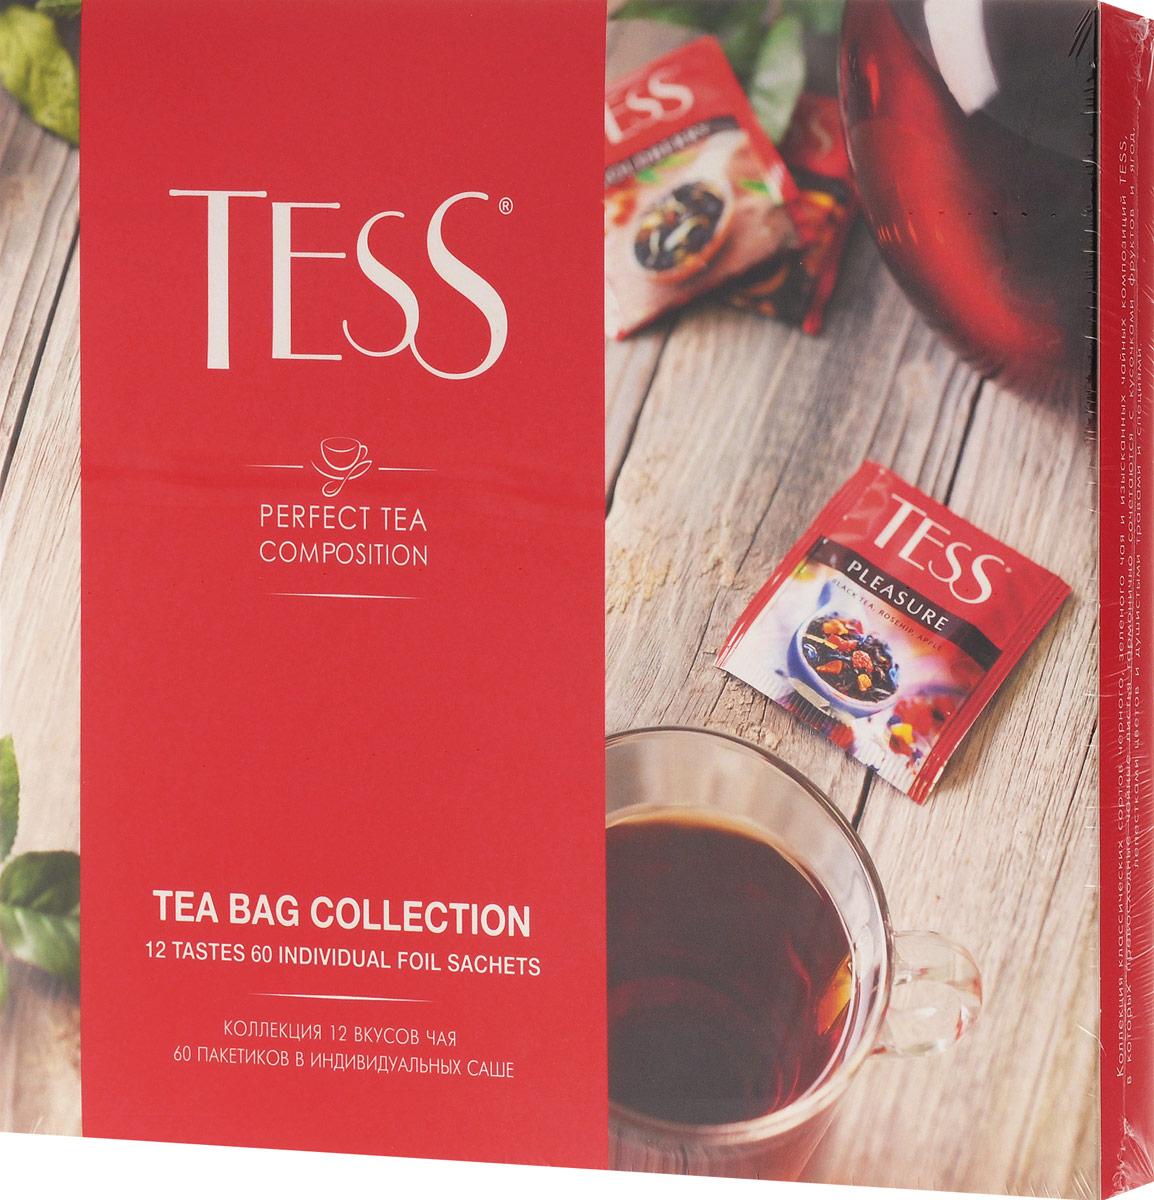 Tess Коллекция чая и чайных напитков в пакетиках, 60 шт1175-12В коллекции пакетированного чая Tess вы найдете все многообразие классических сортов черного и зеленого чая и изысканные чайные композиции, в которых высококачественные чайные листья гармонично сочетаются с натуральными фруктами, ягодами, лепестками цветов и душистыми травами.Всё о чае: сорта, факты, советы по выбору и употреблению. Статья OZON Гид